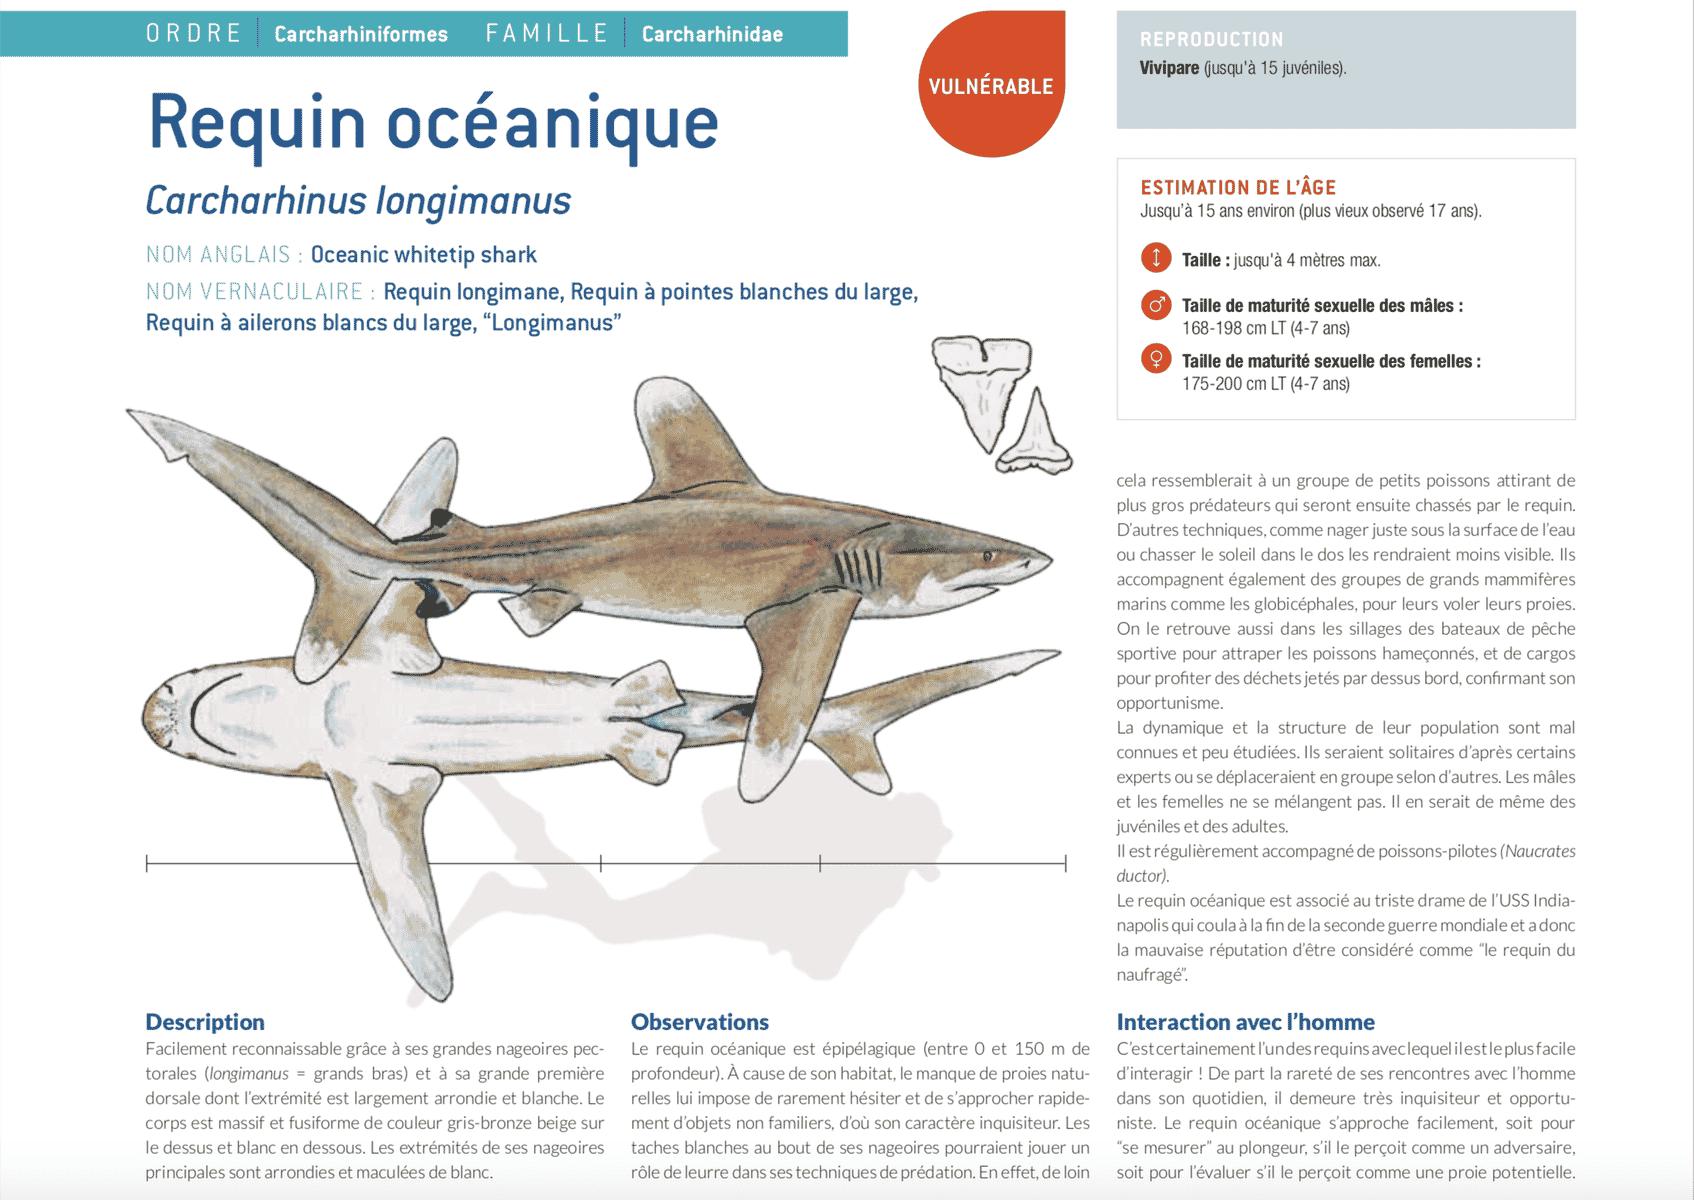 fiche requin océanique longimanus